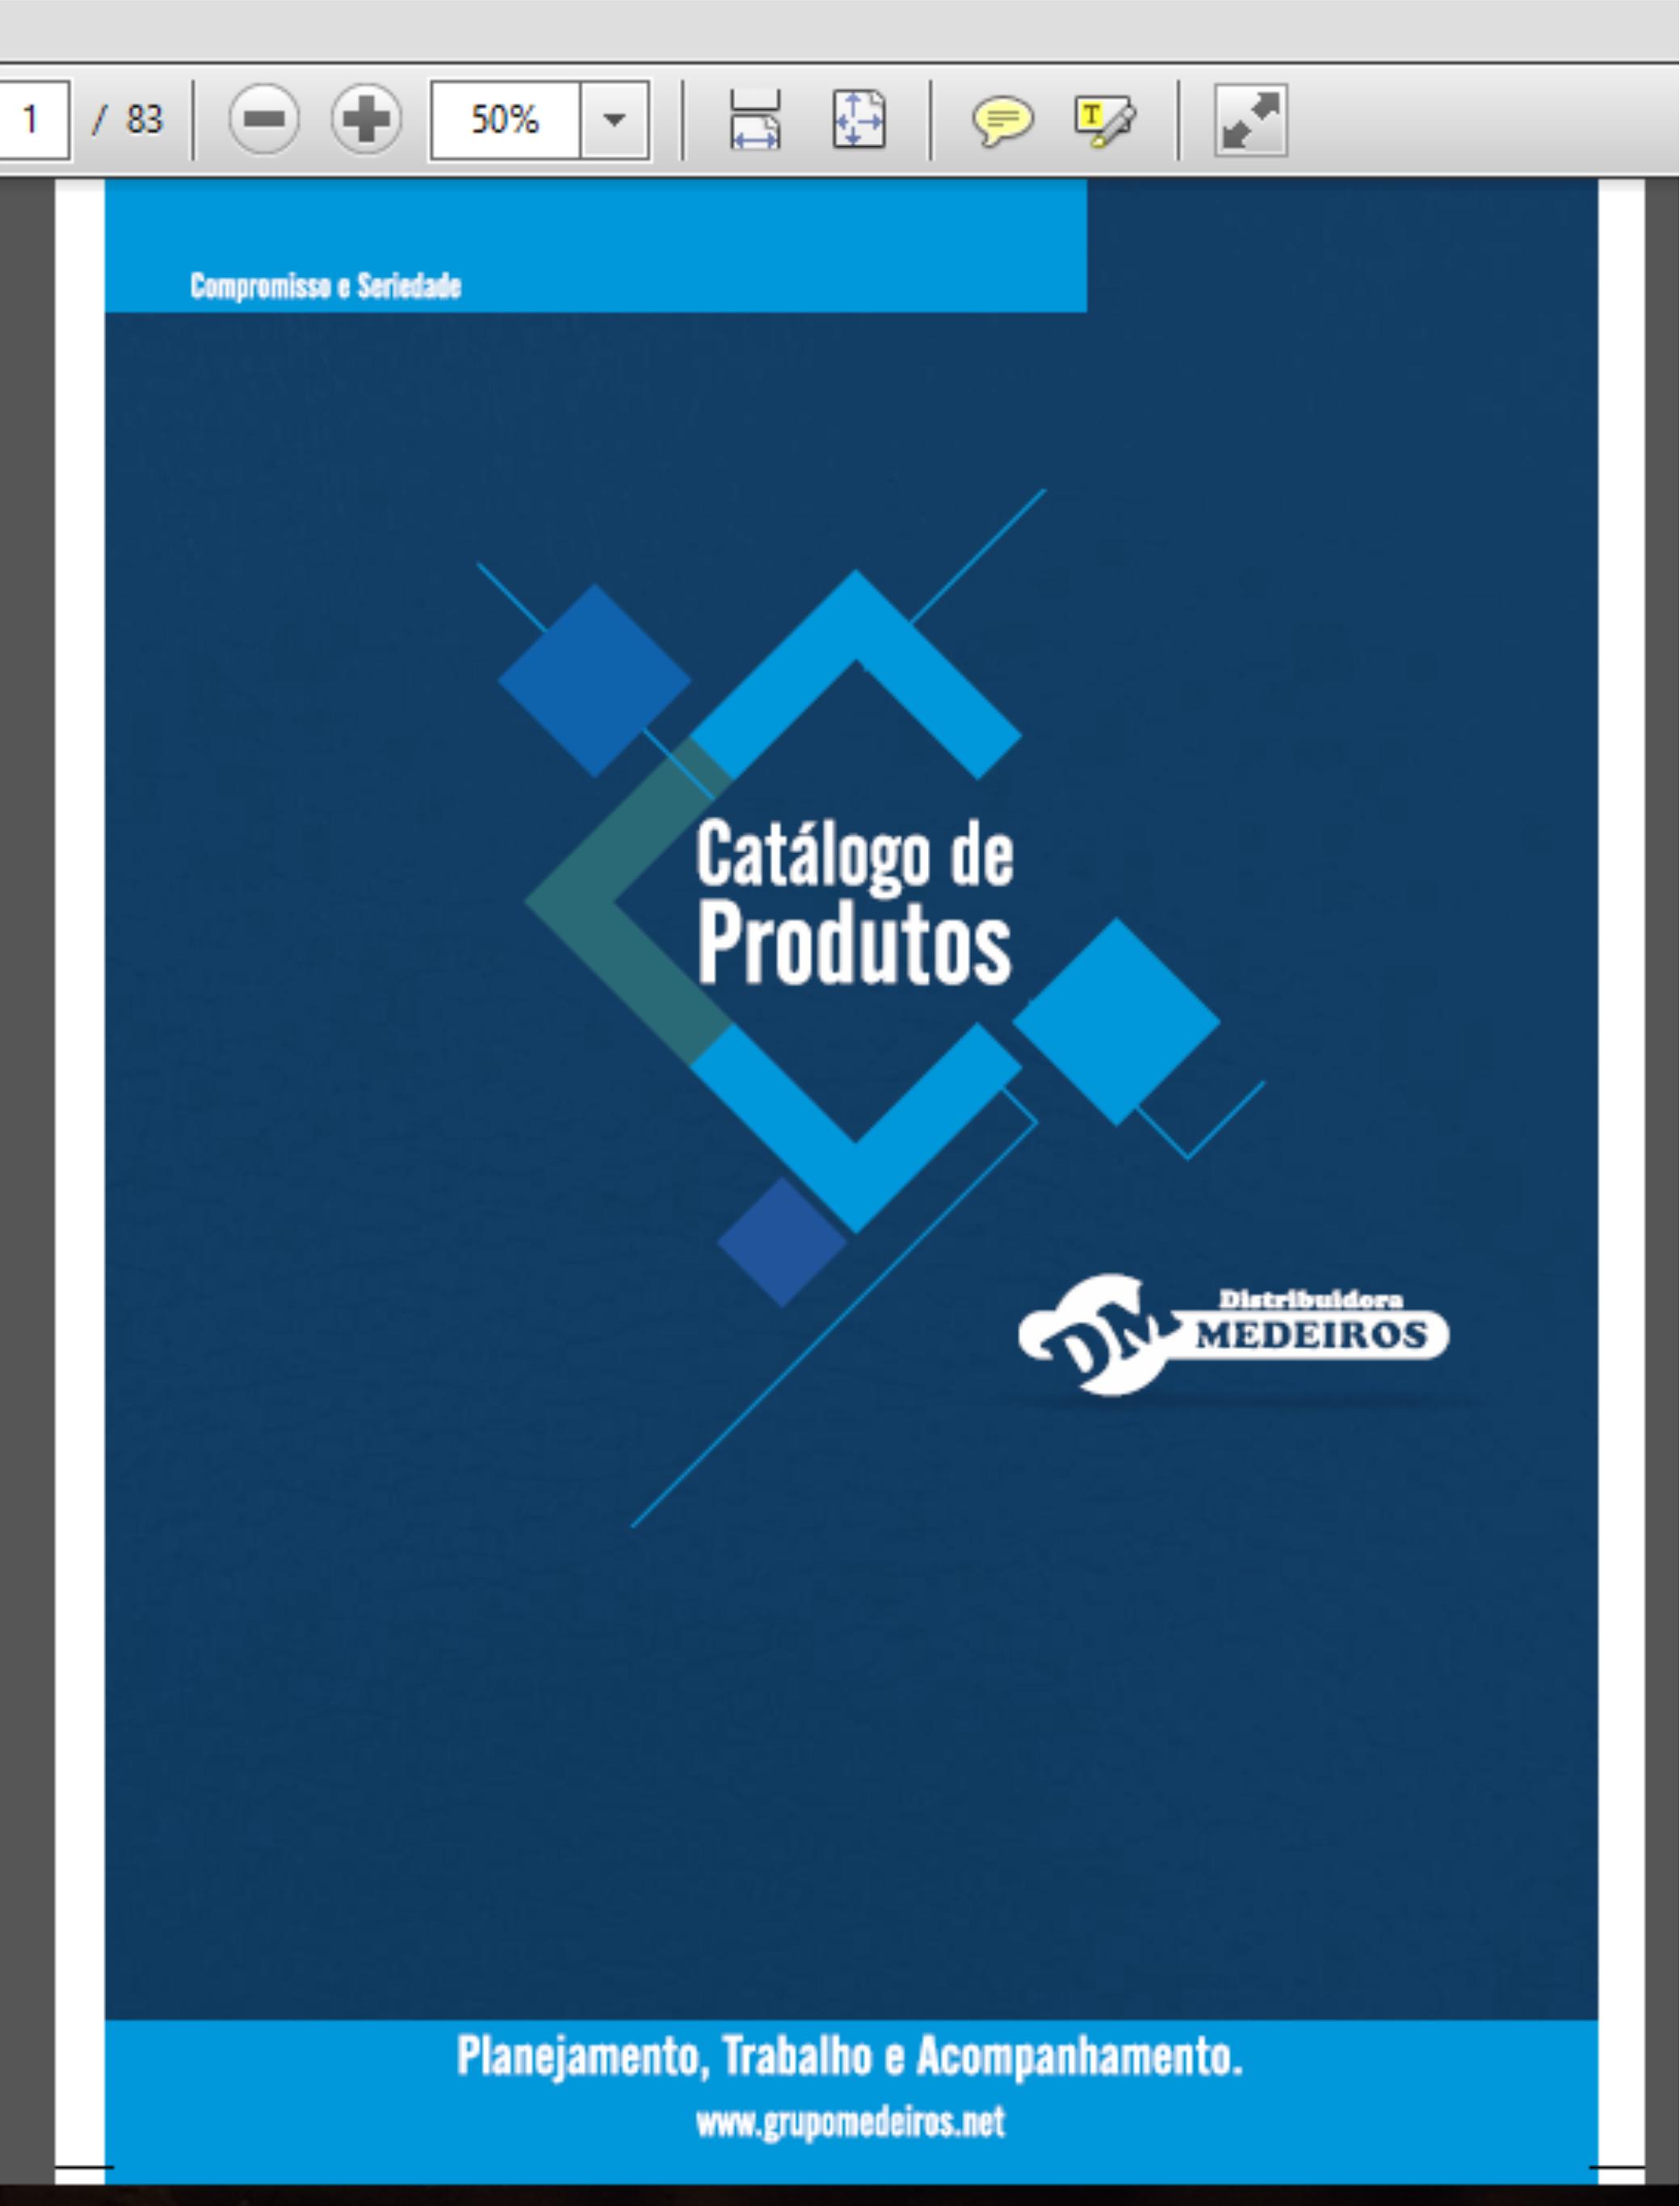 Catálogo Distribuidora Medeiros